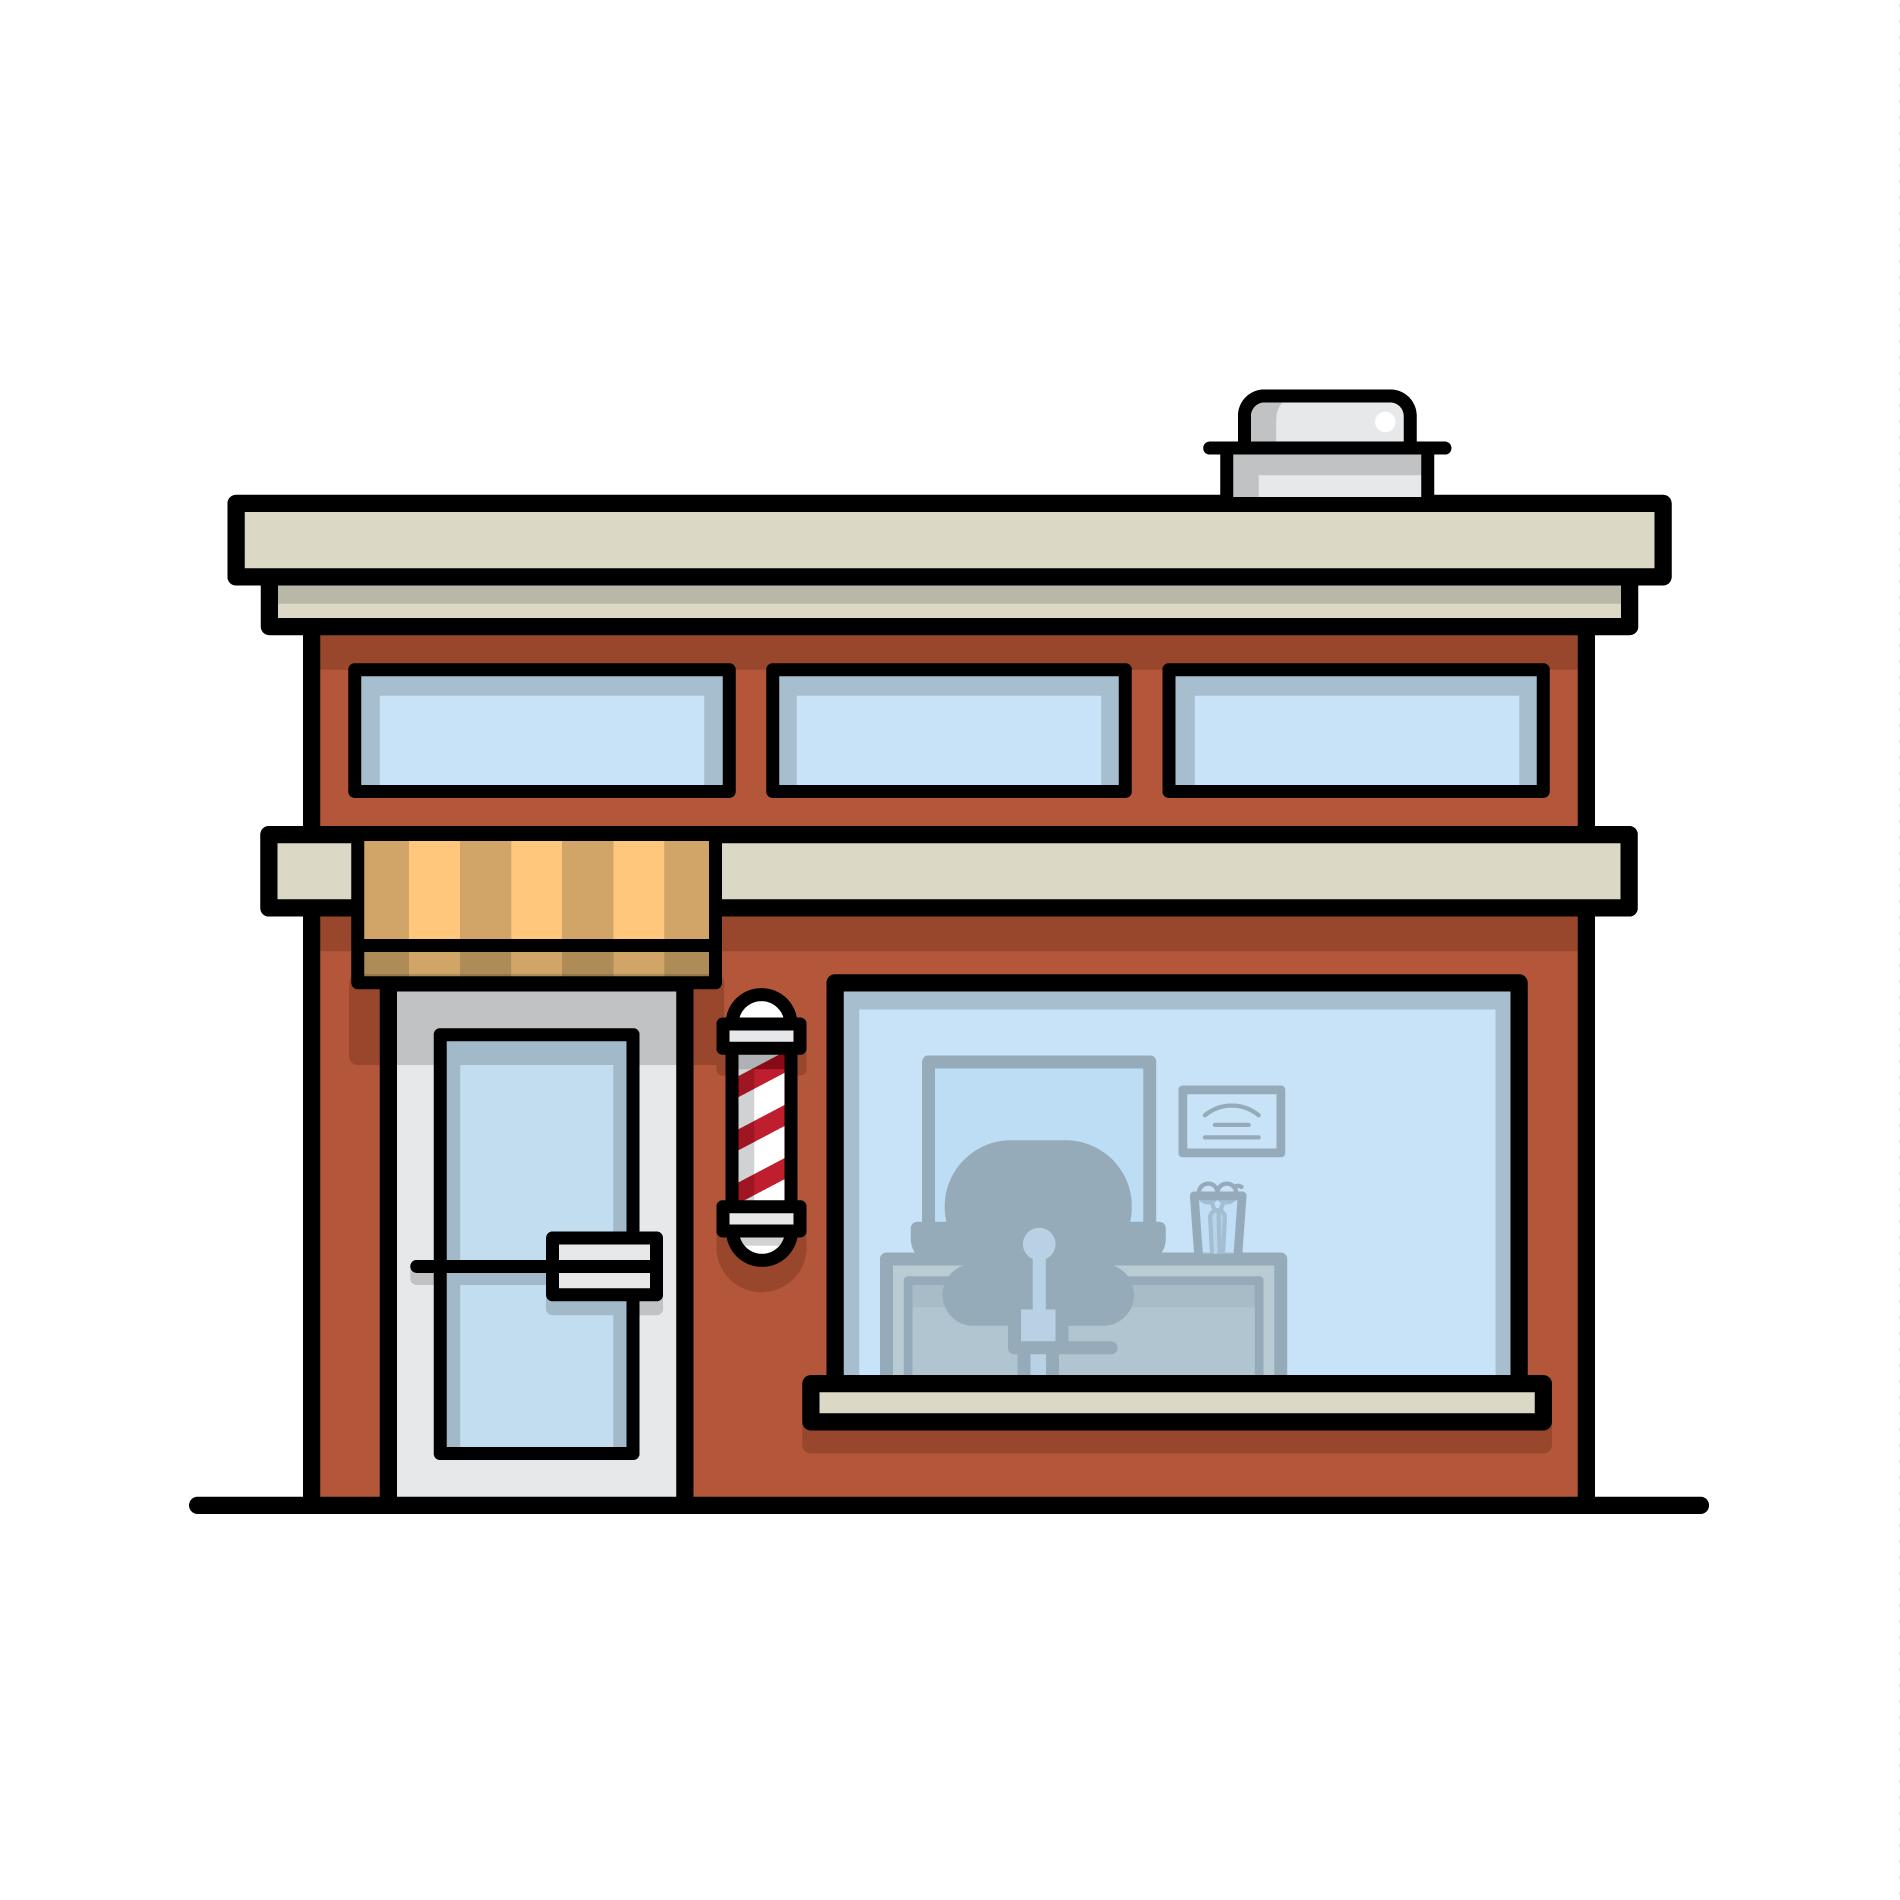 Illustration-BarberShop-INSTA-v2.png